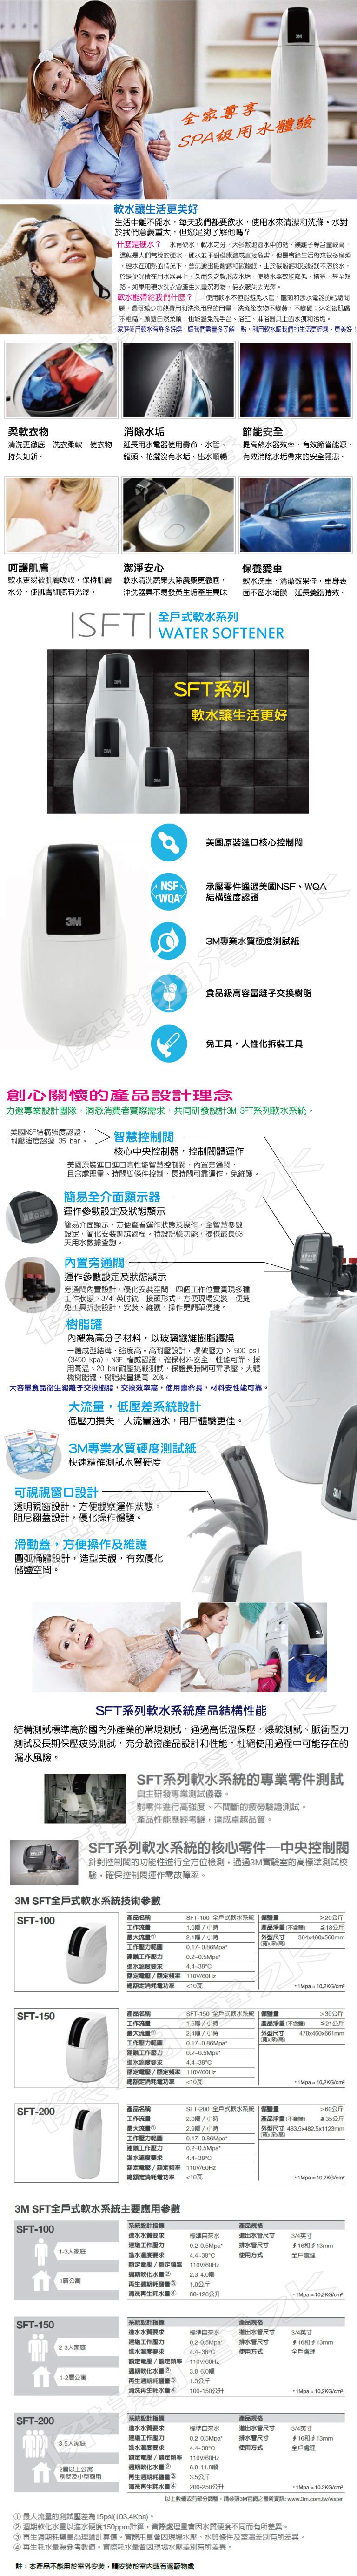 3M SFT-150 全戶式軟水系統